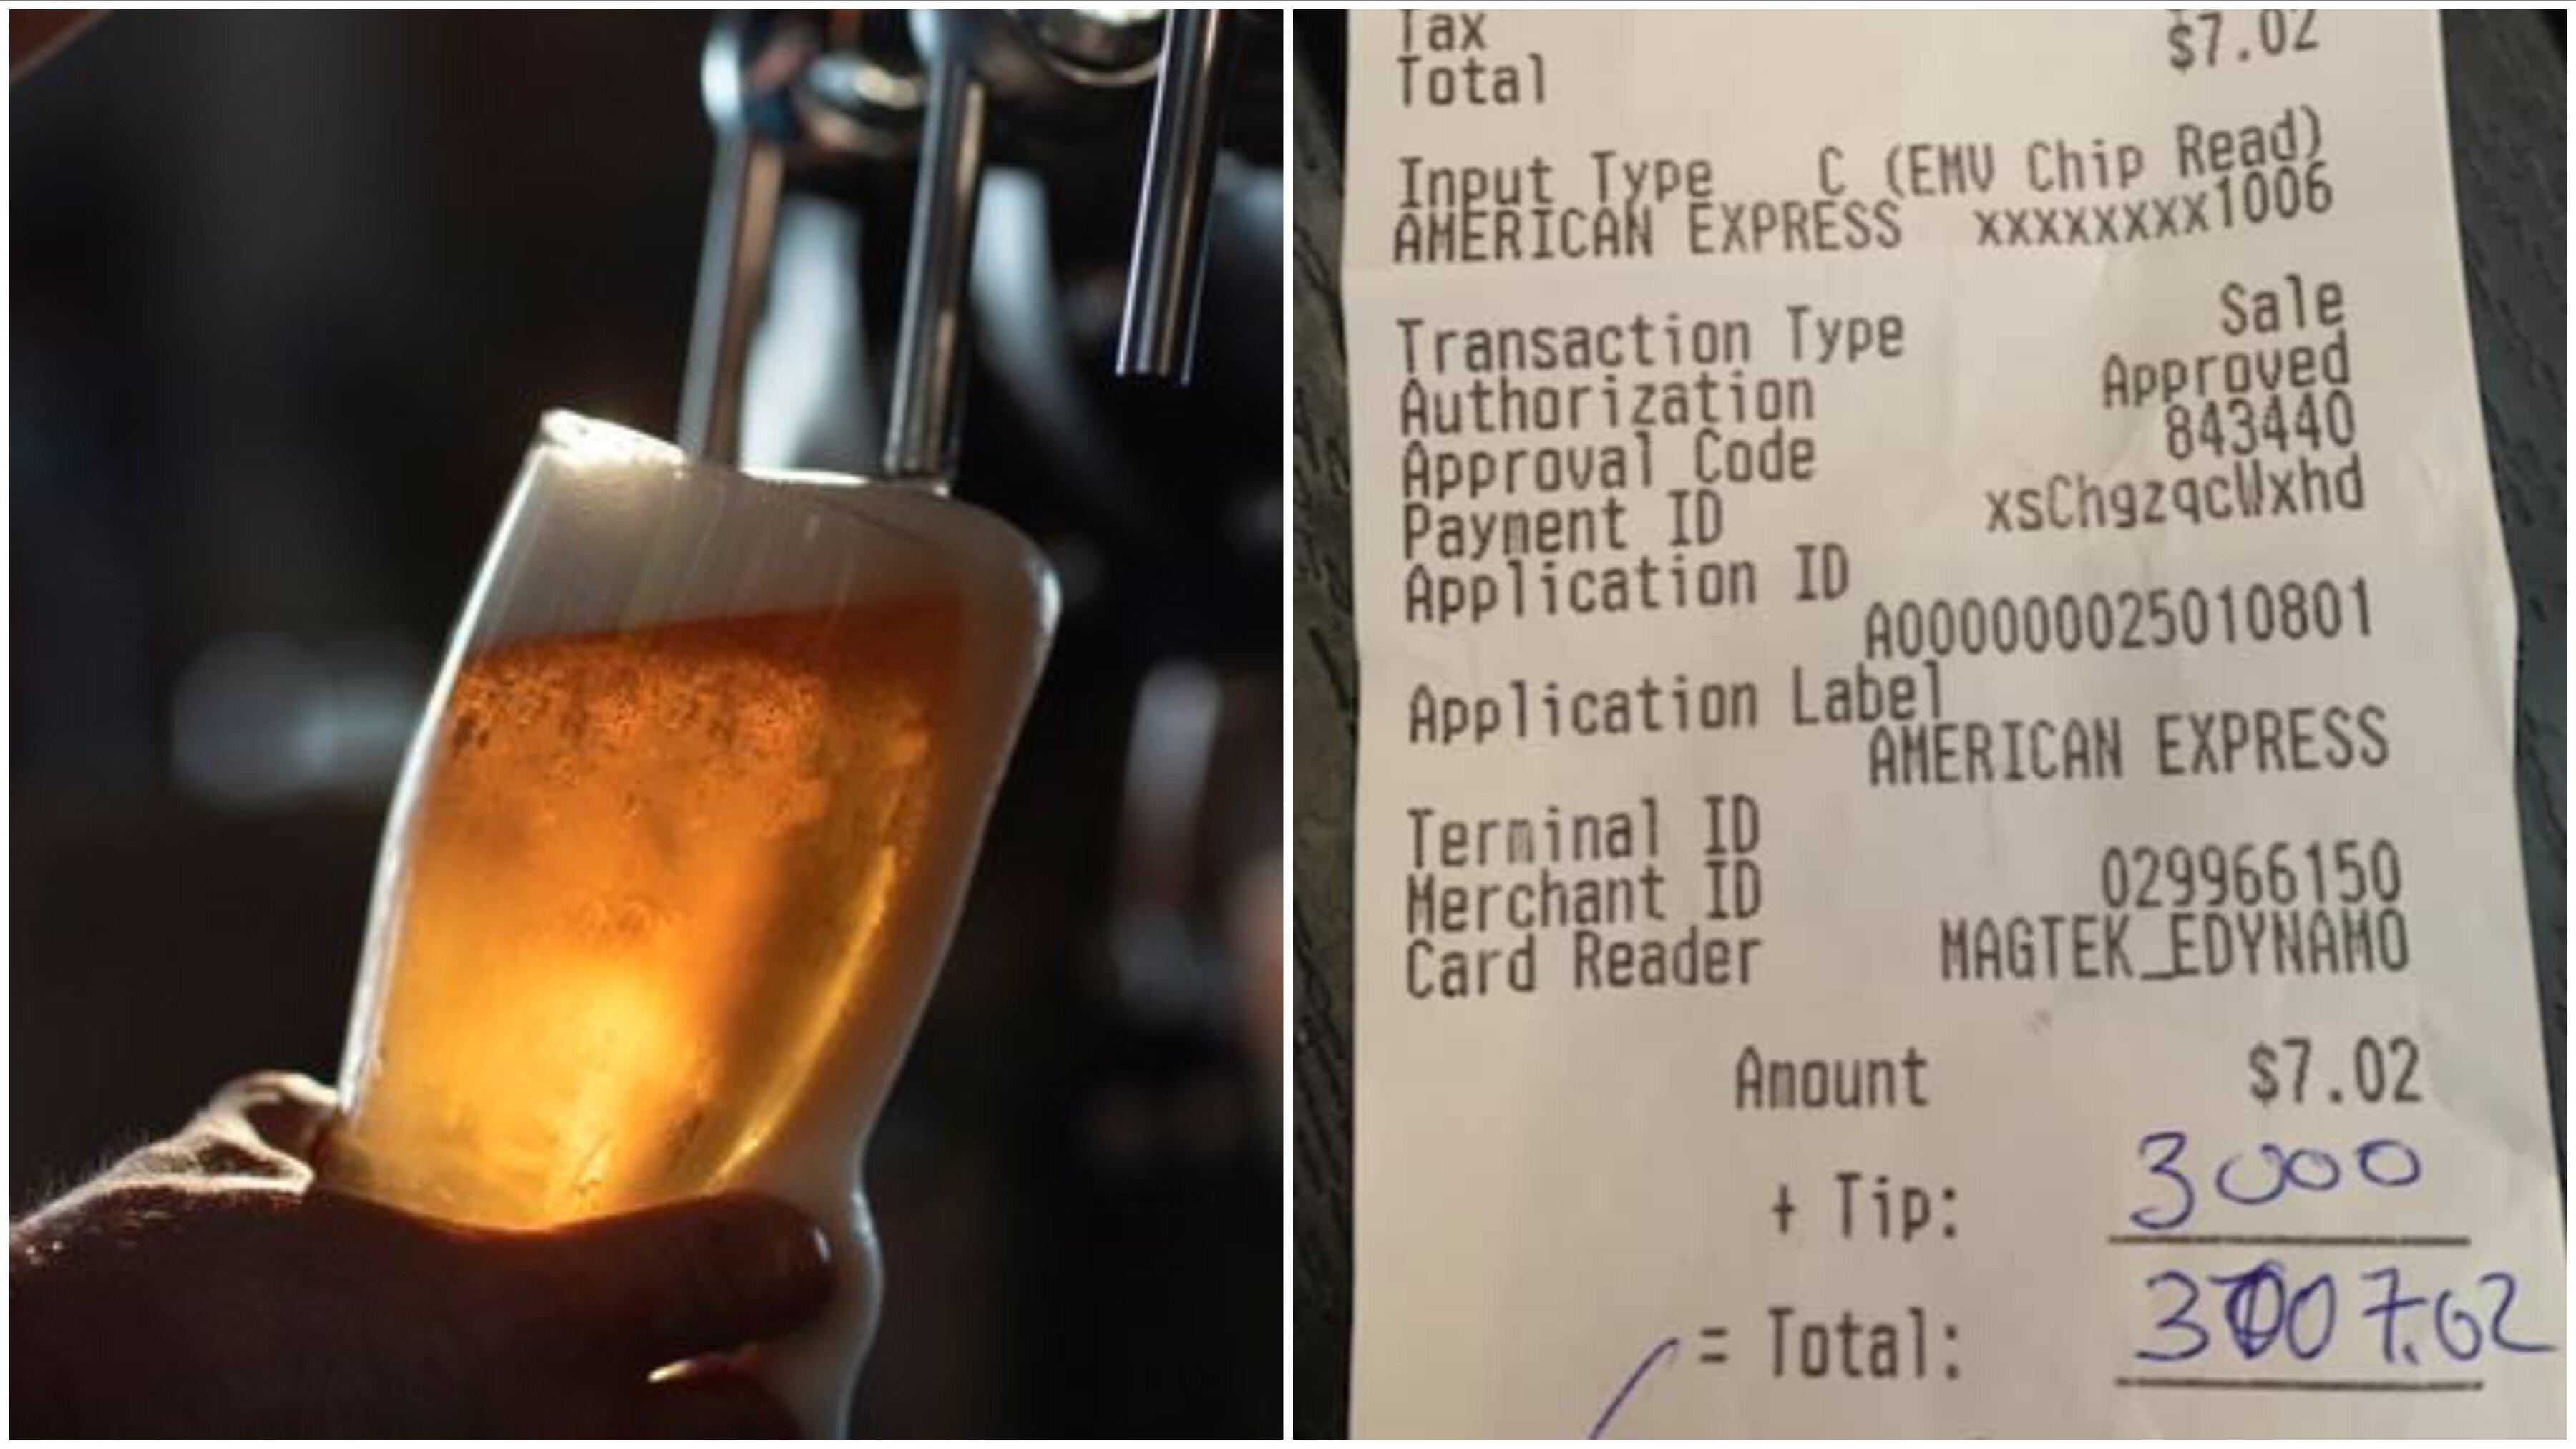 ビール1杯に30万円のチップ。コロナ禍で休業するレストランを励ますために